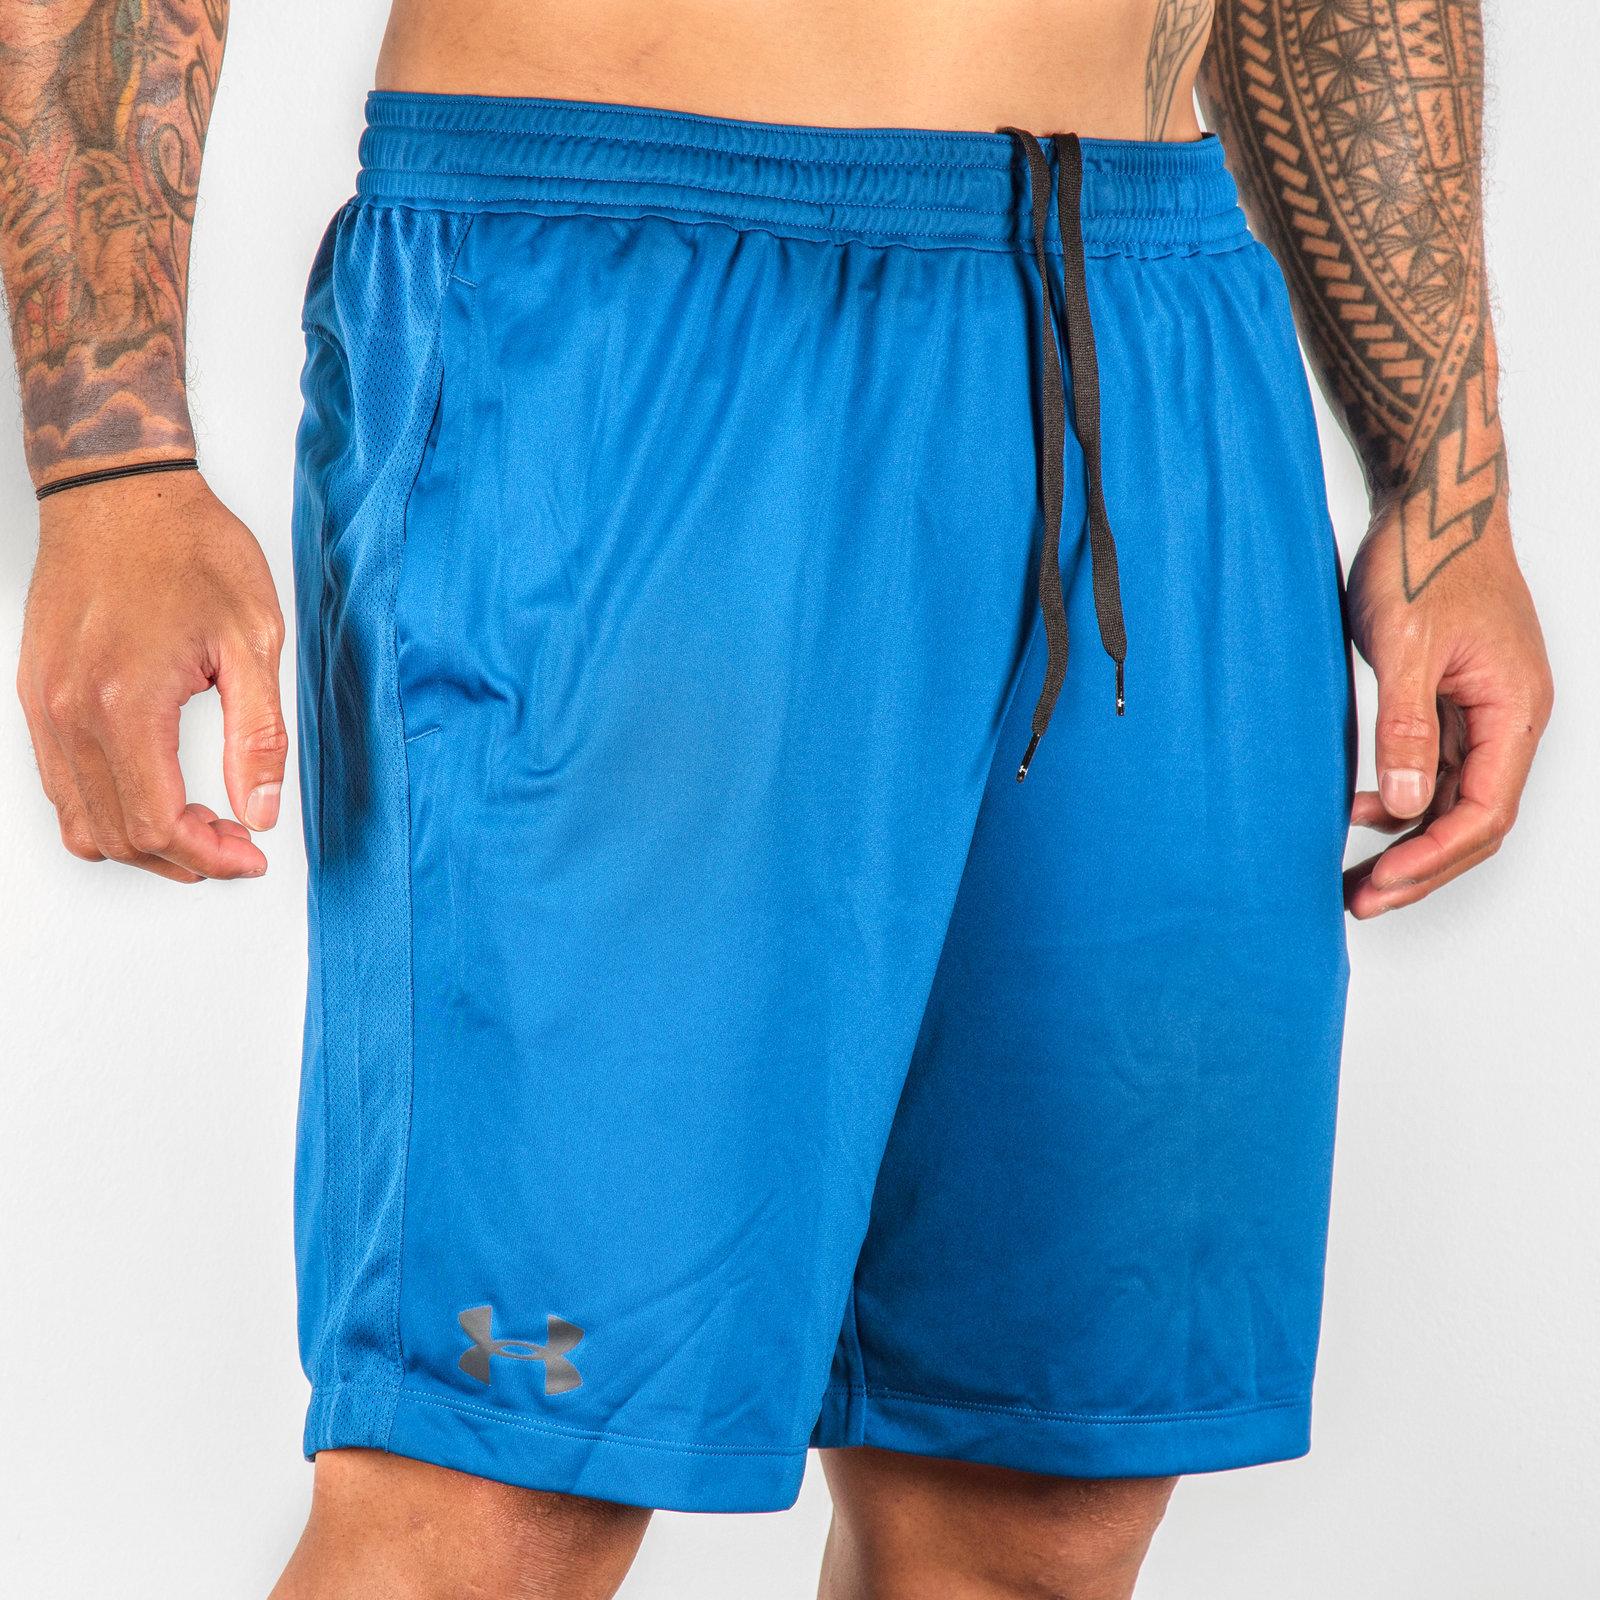 Raid 2.0 Training Shorts